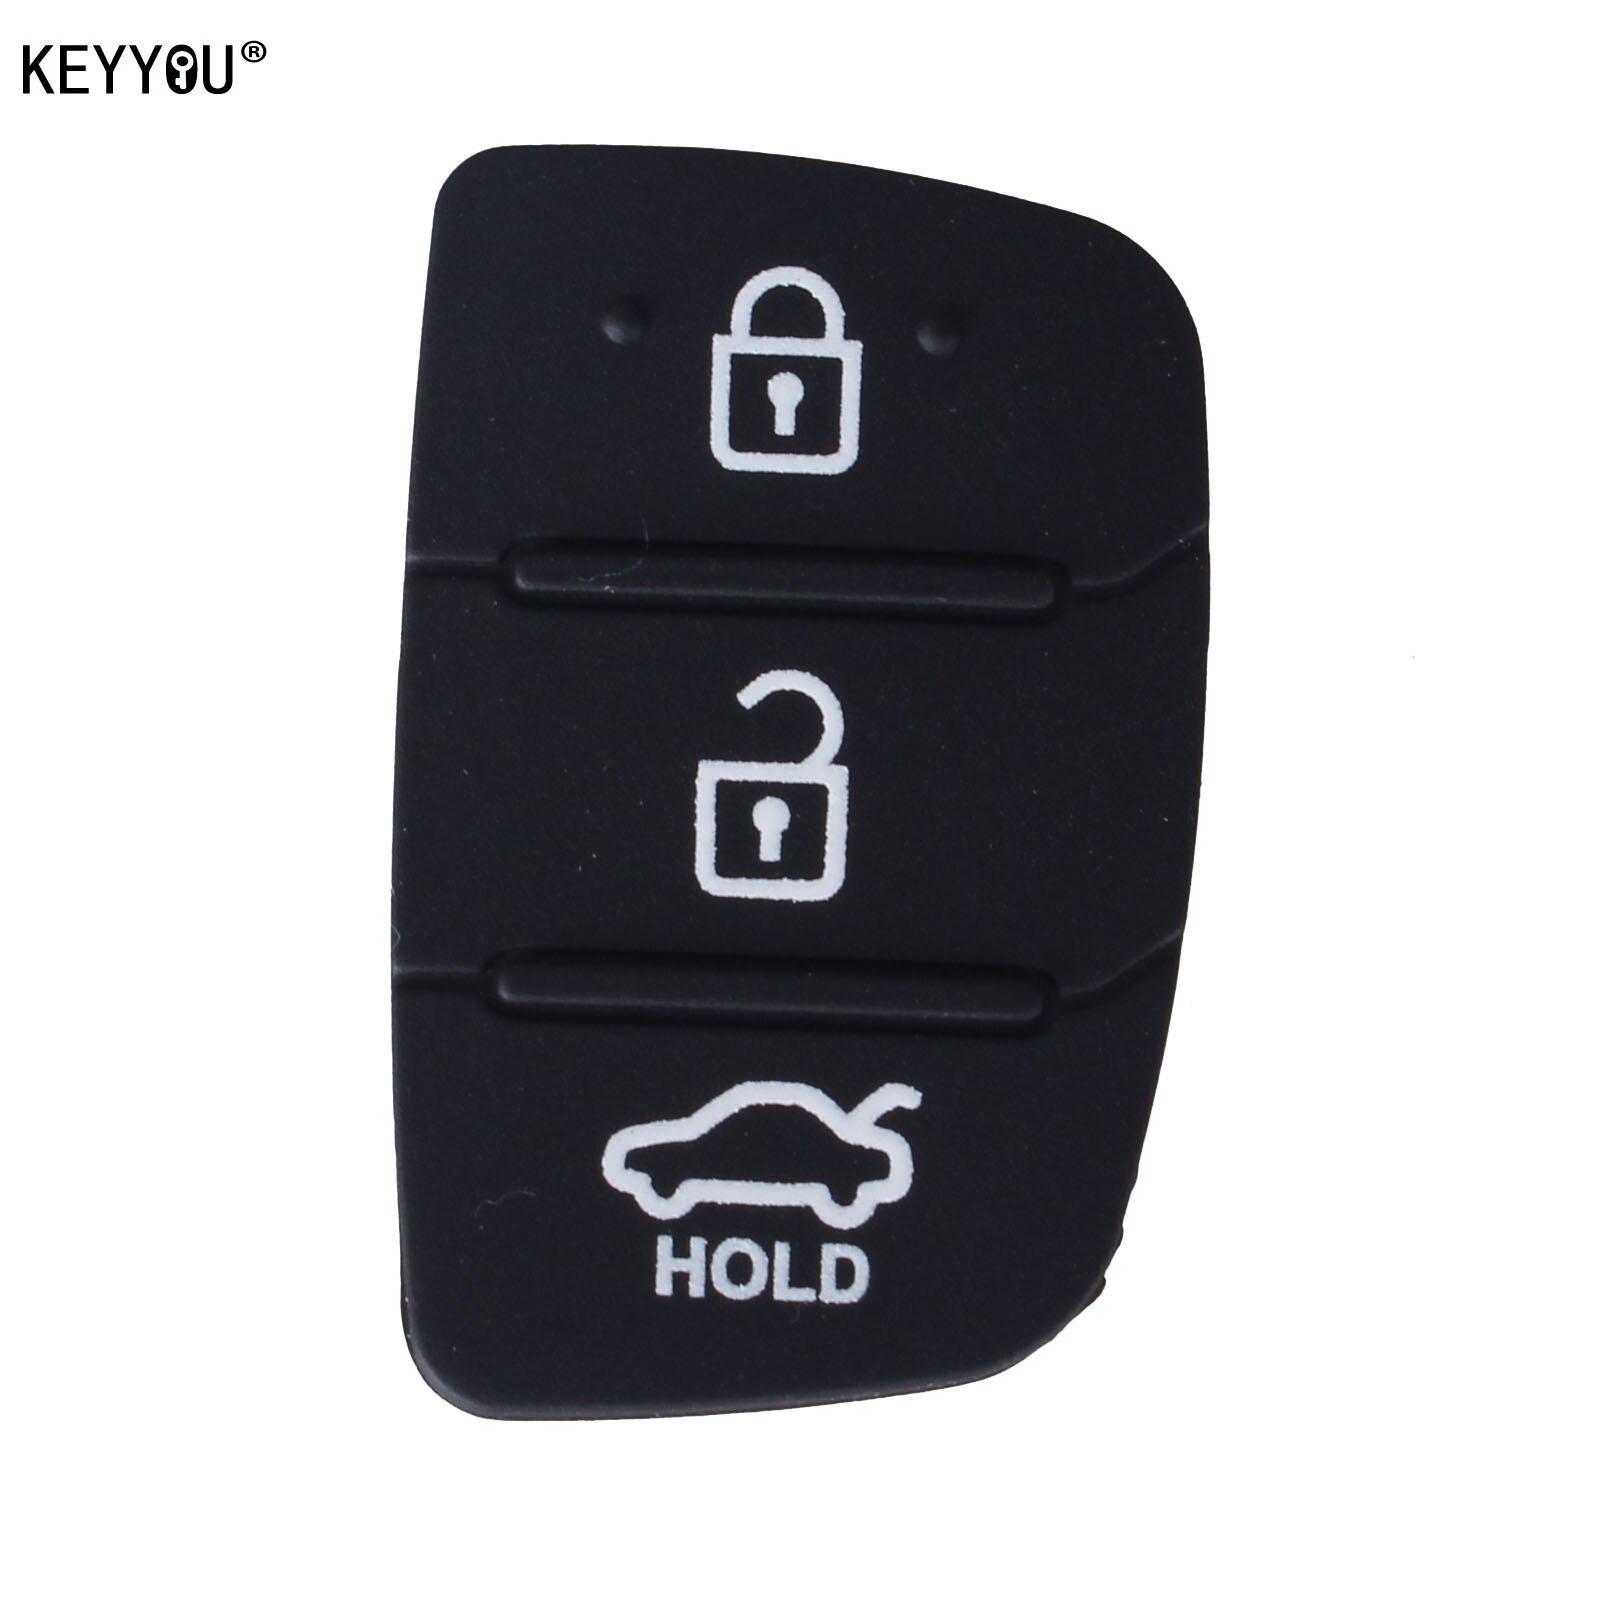 KEYYOU 50 unids/lote Reemplazo de Piezas de Automóviles De Goma Caso de la Llave